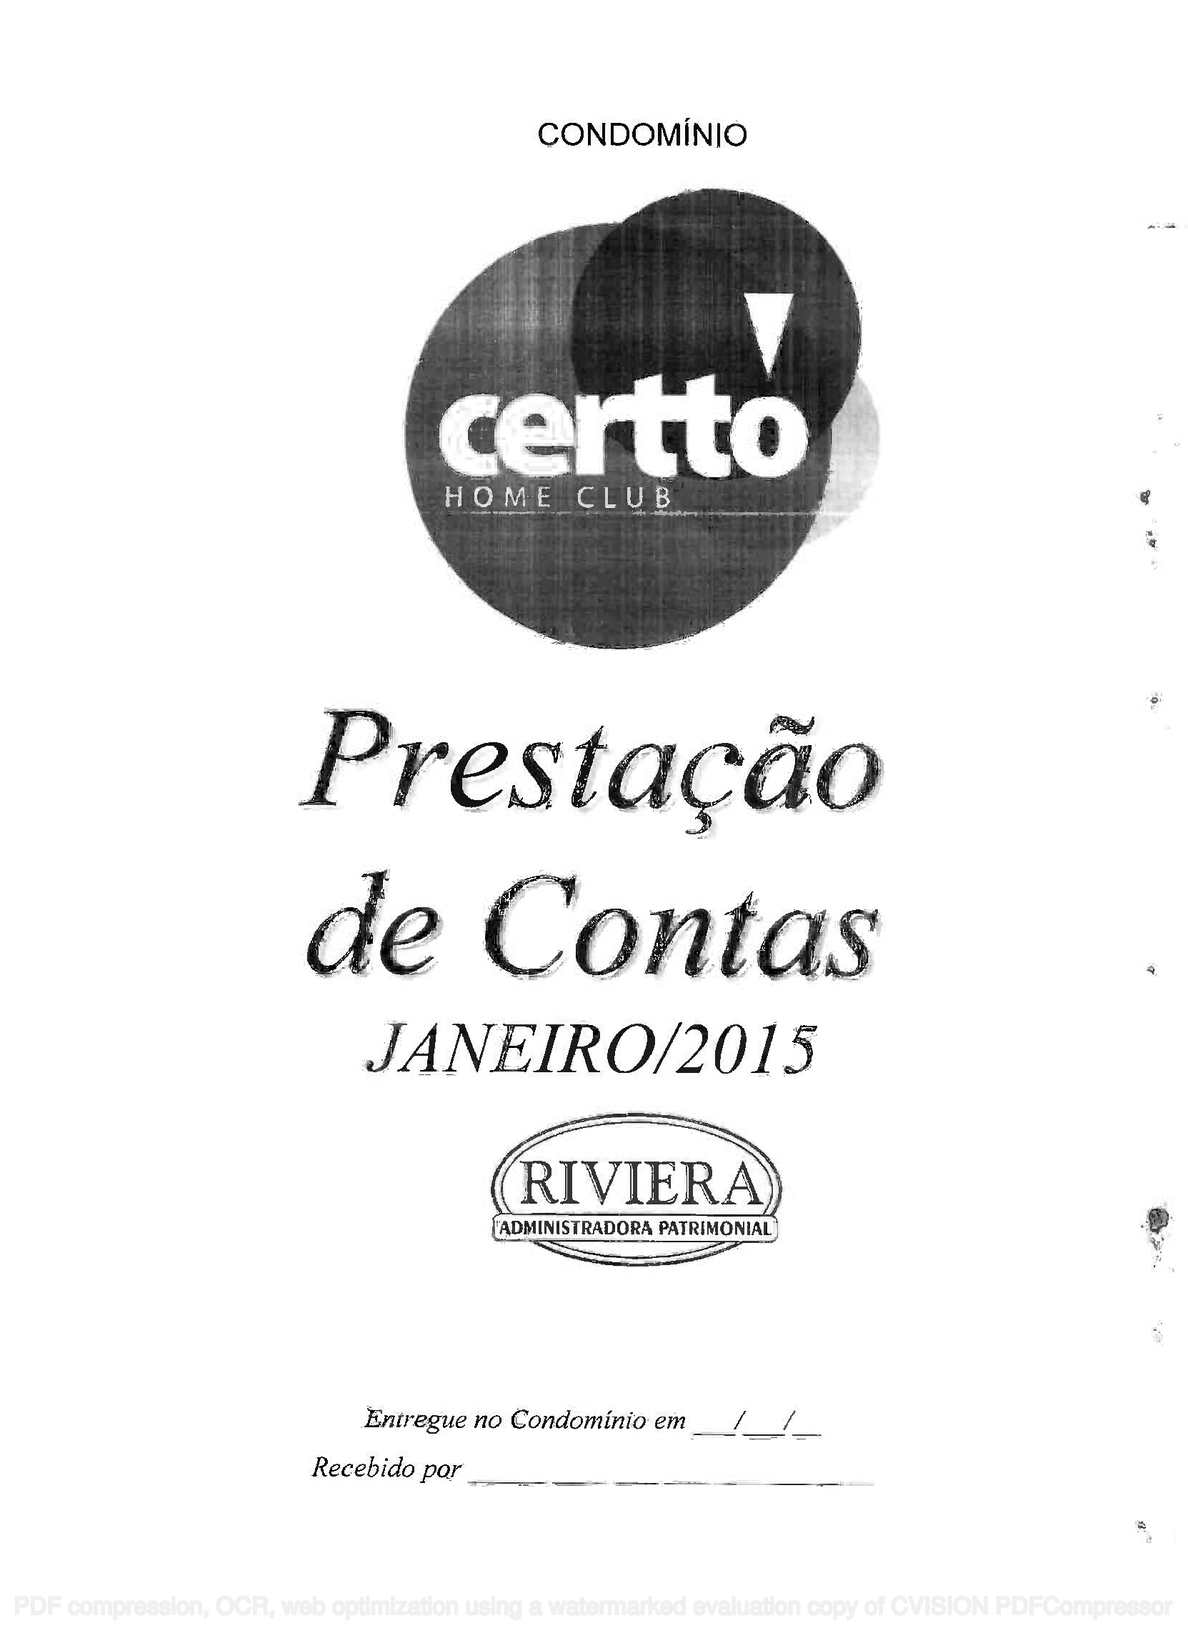 b7149a932f0 Calaméo - 2015 01(Janeiro 2015) - Certto Home Club